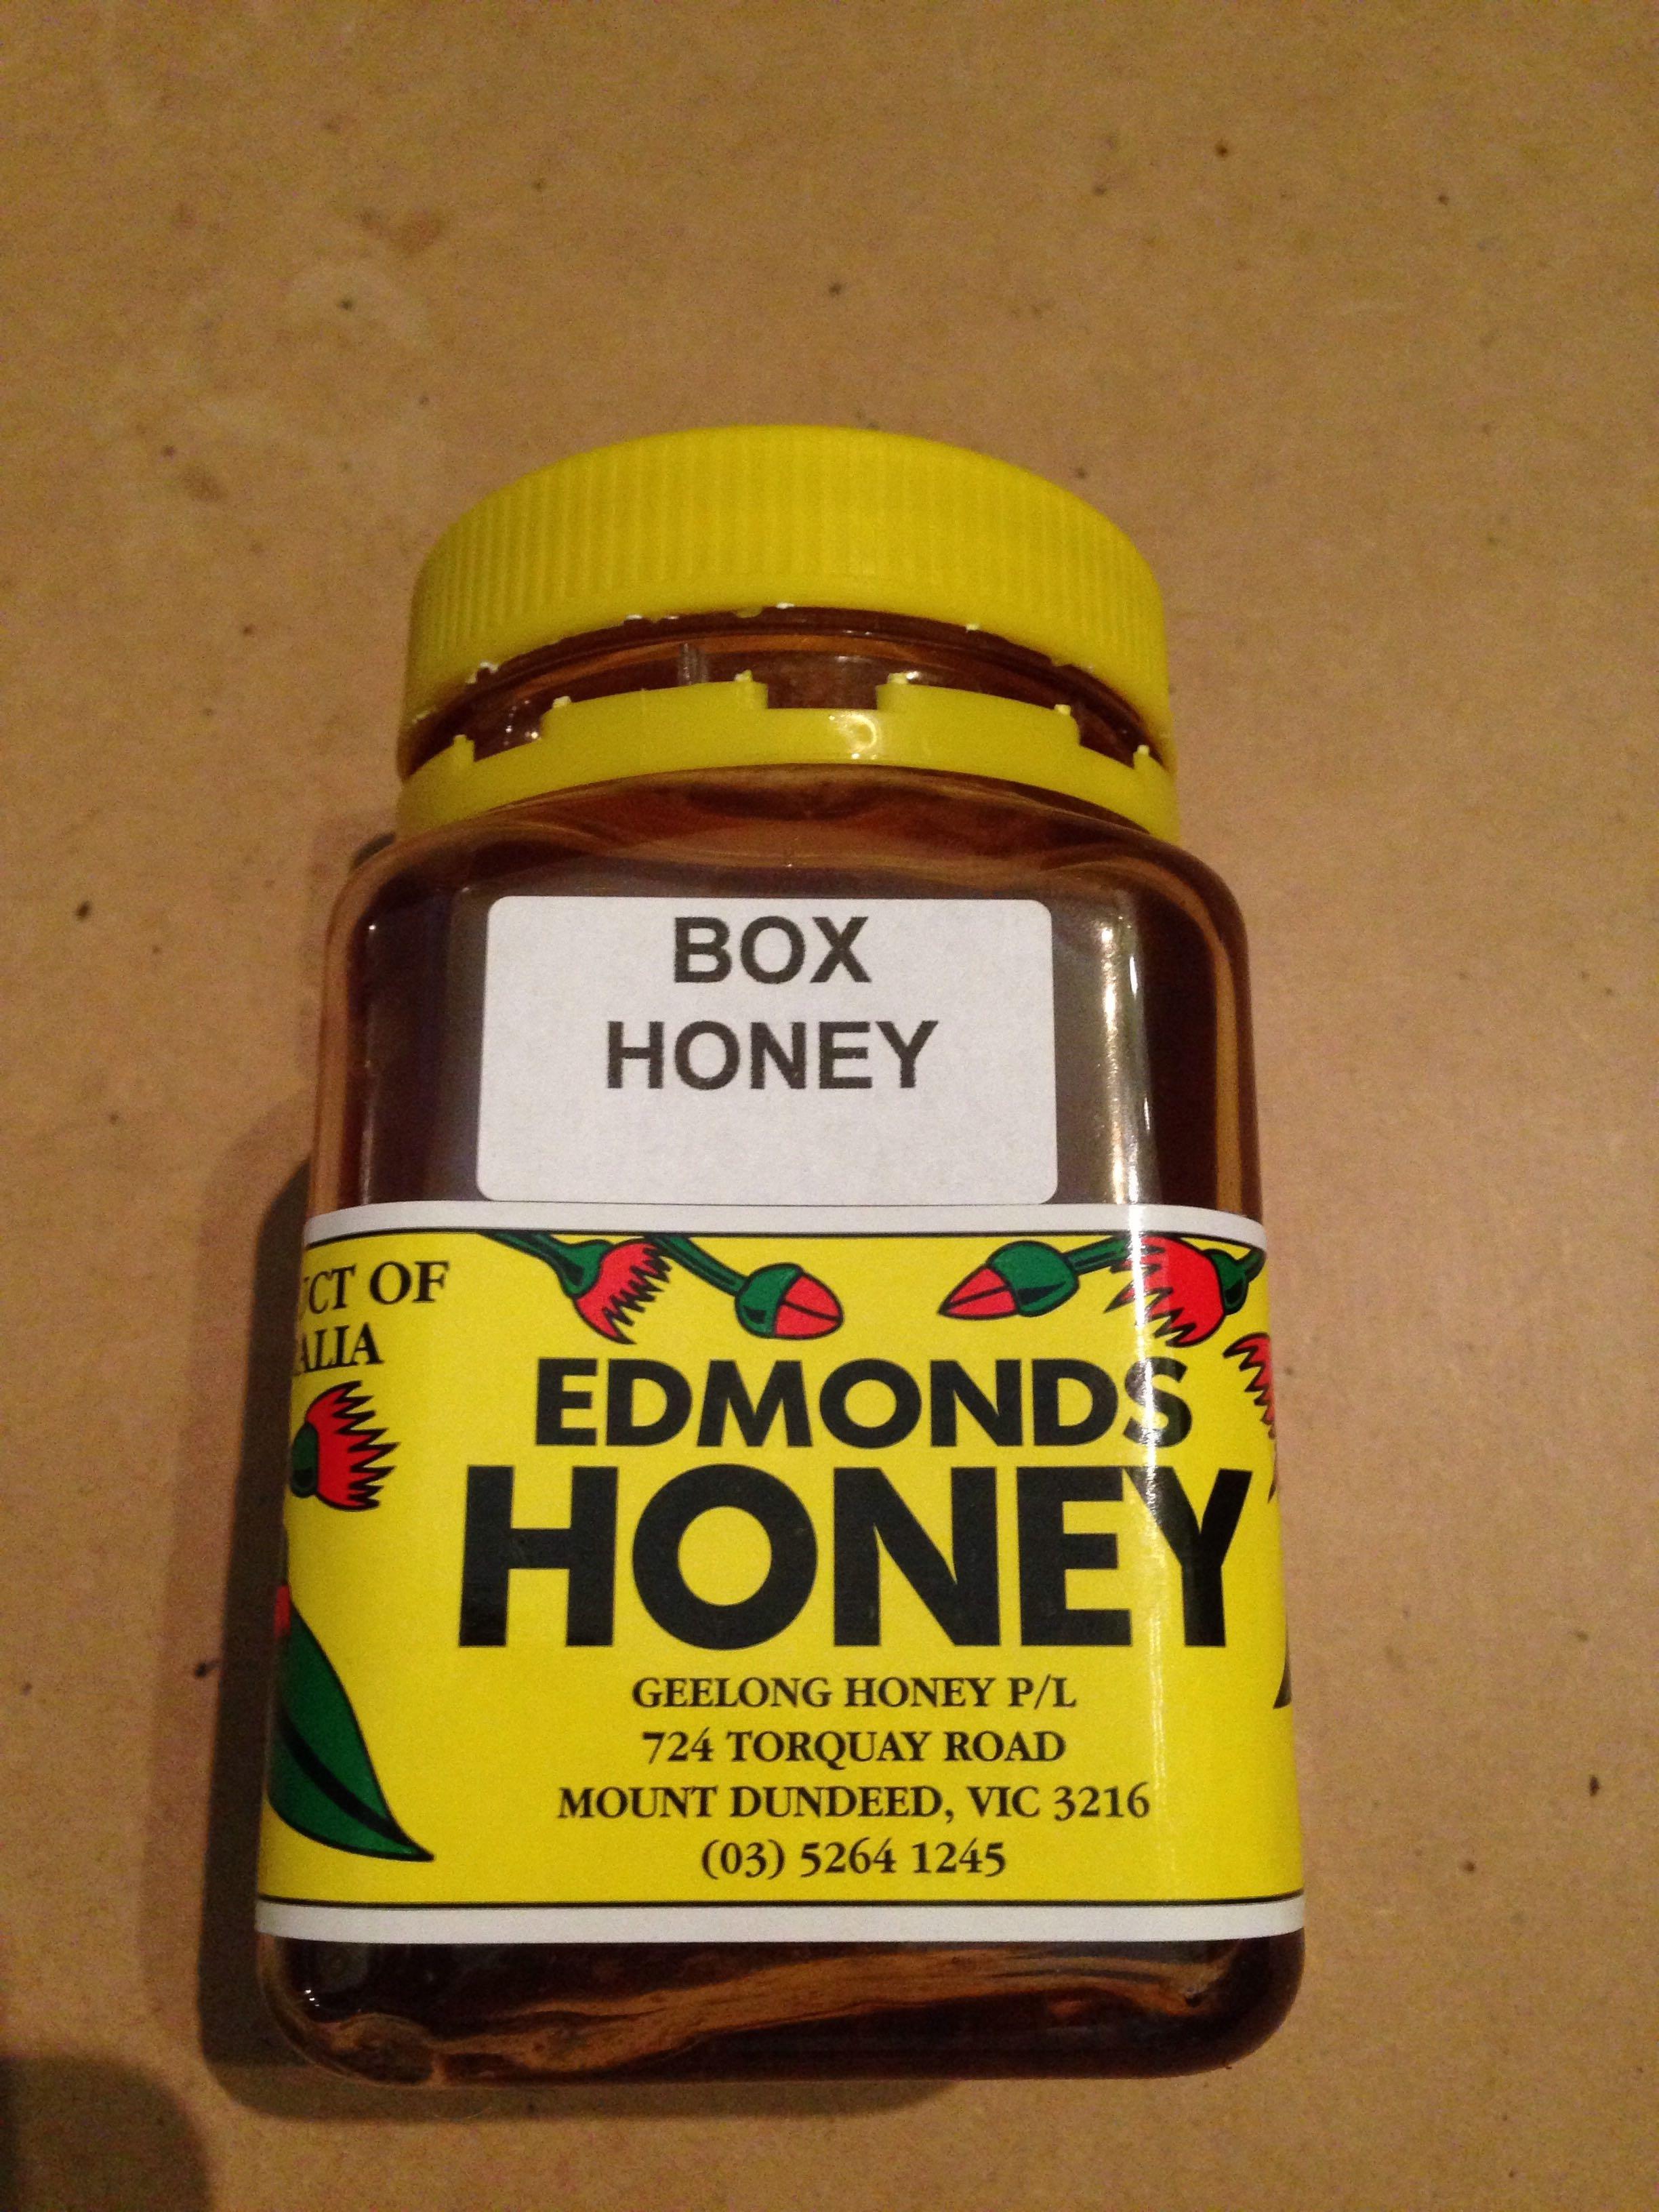 Edmond's Box Honey - Product - en